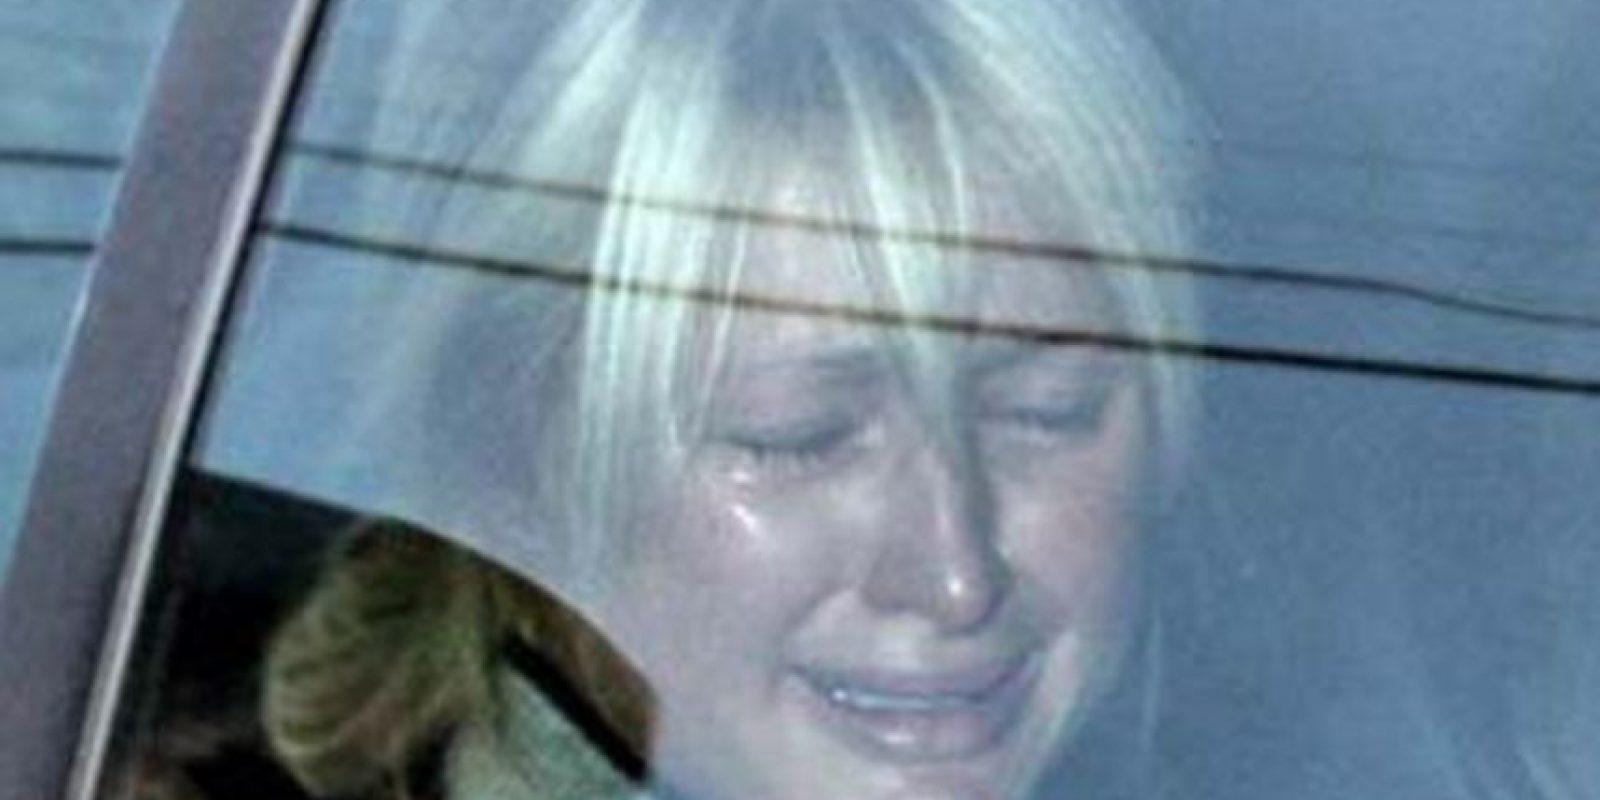 Ni se diga Paris Hilton. De princesa impune a mujer arrepentida, su experiencia en la cárcel le sirvió para cambiar.